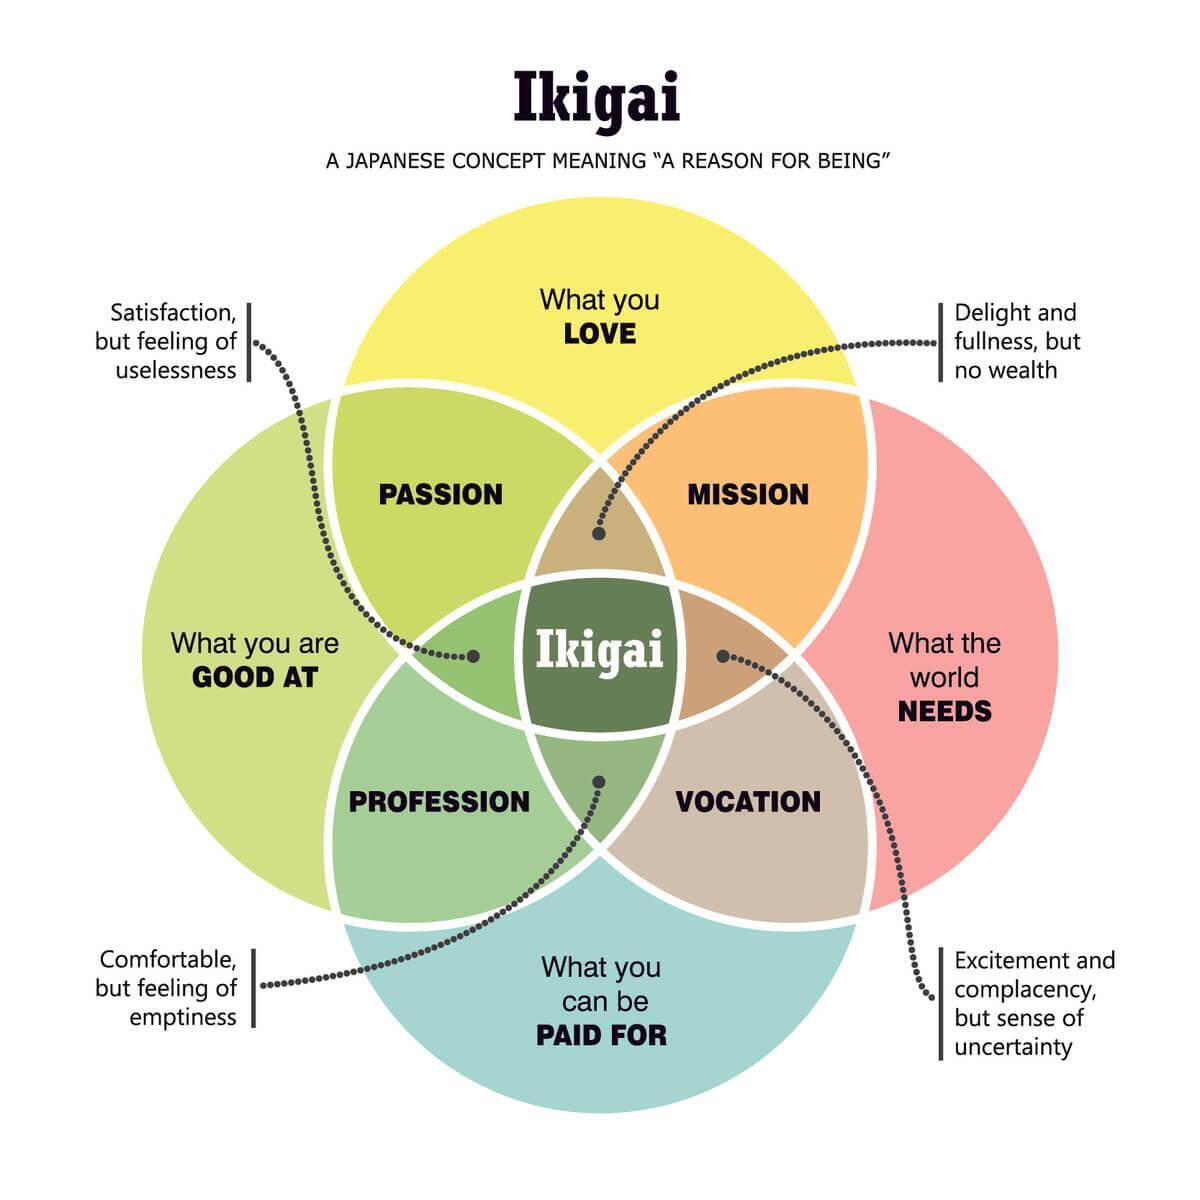 """Будь спокоен, как японец. 5 принципов """"икигай"""" - счастья по-японски"""